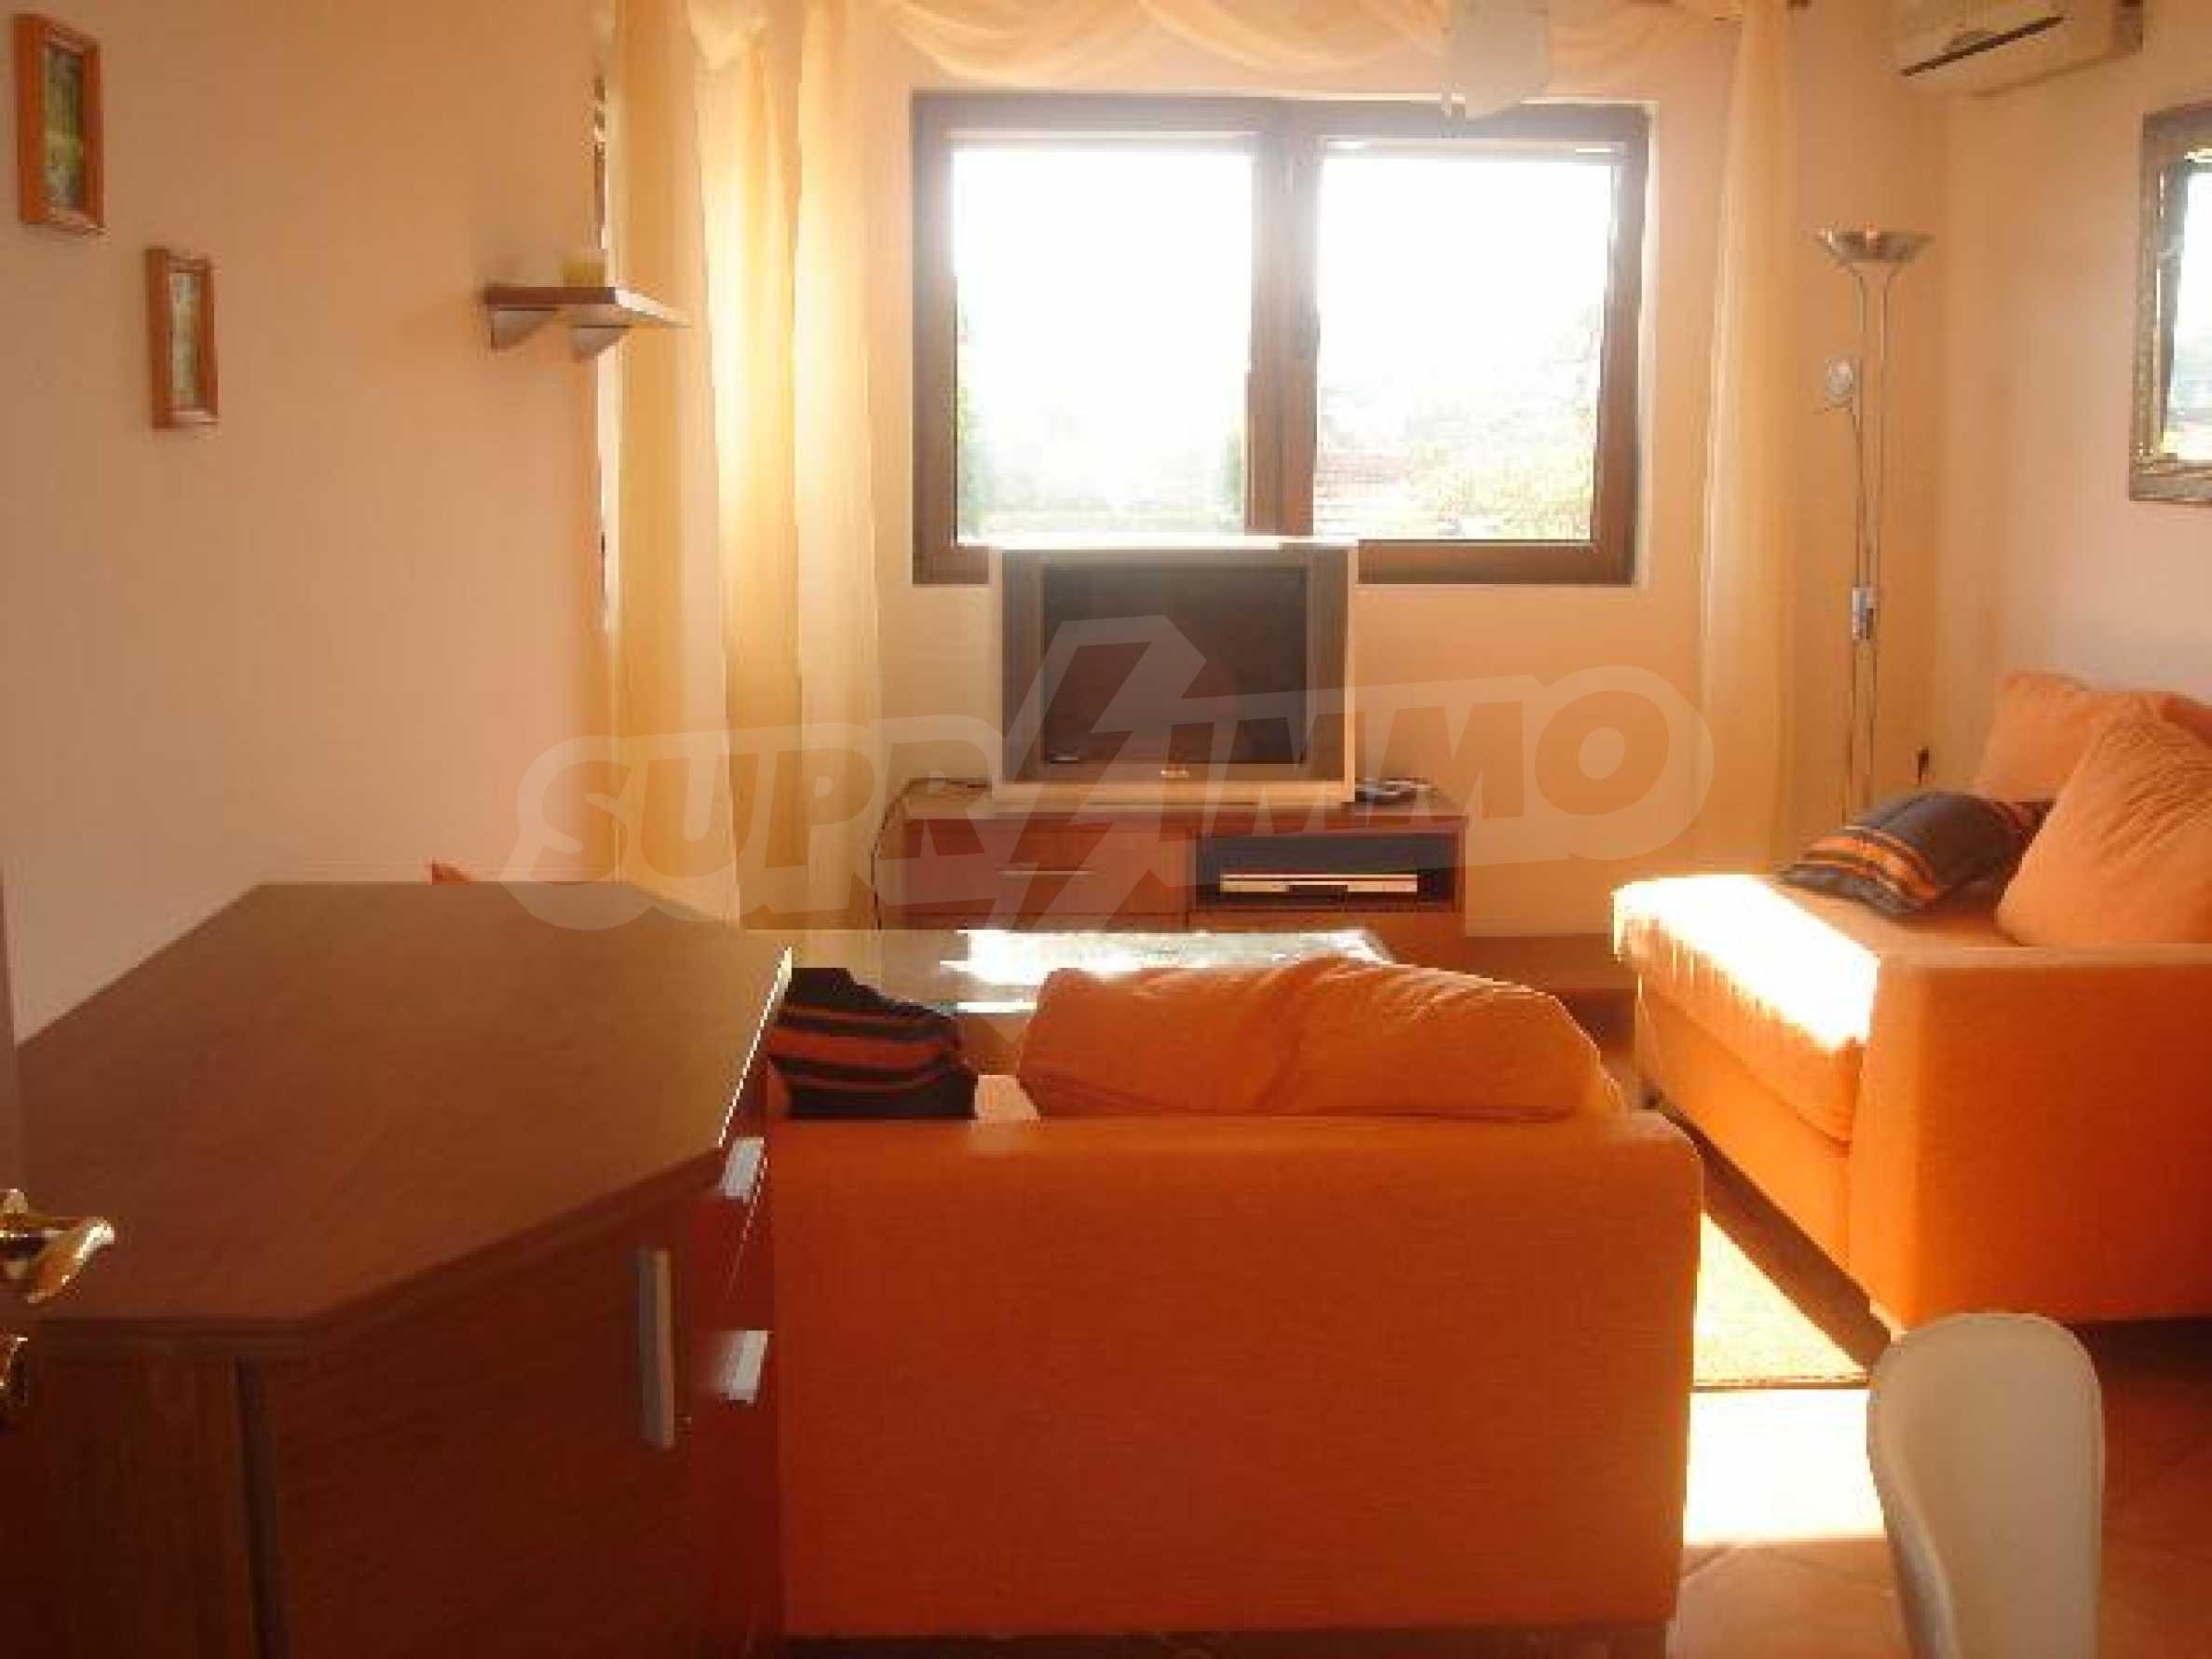 Луксозно обзаведен двустаен апартамент в идеален център 1